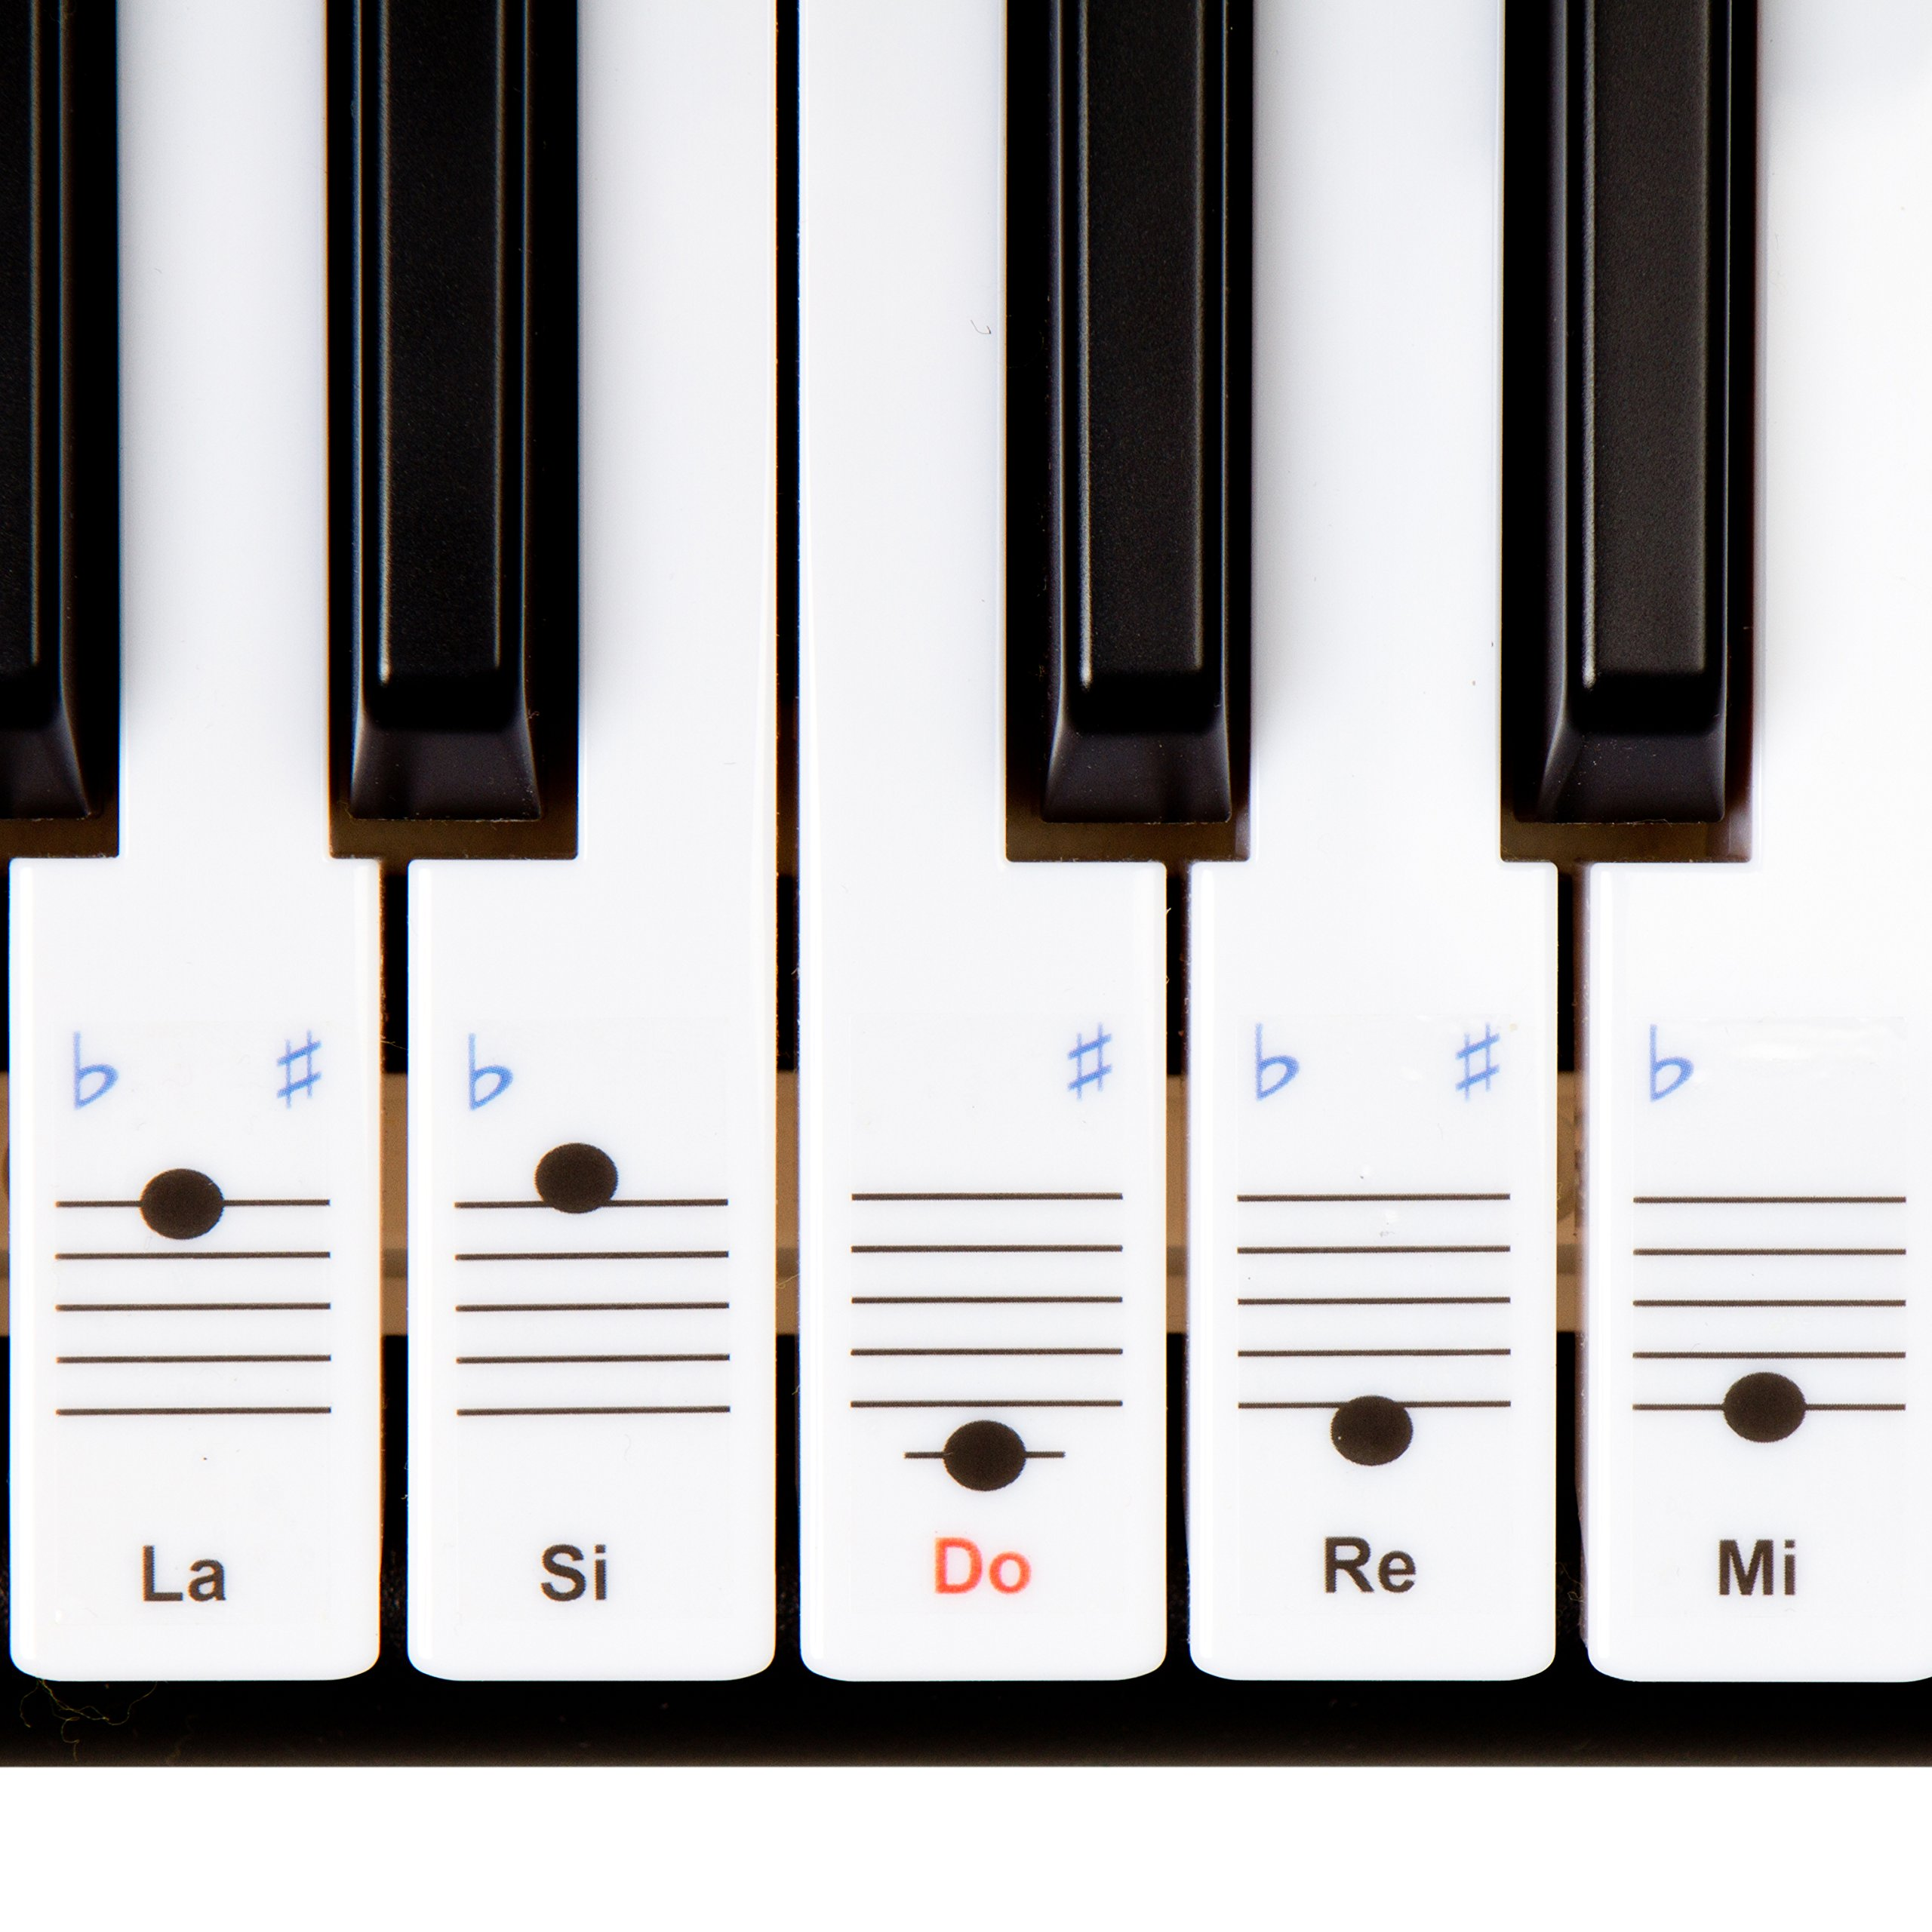 Autocollants Keysies amovibles en plastique transparent pour touches de piano et clavier – avec guide pratique d'installation.